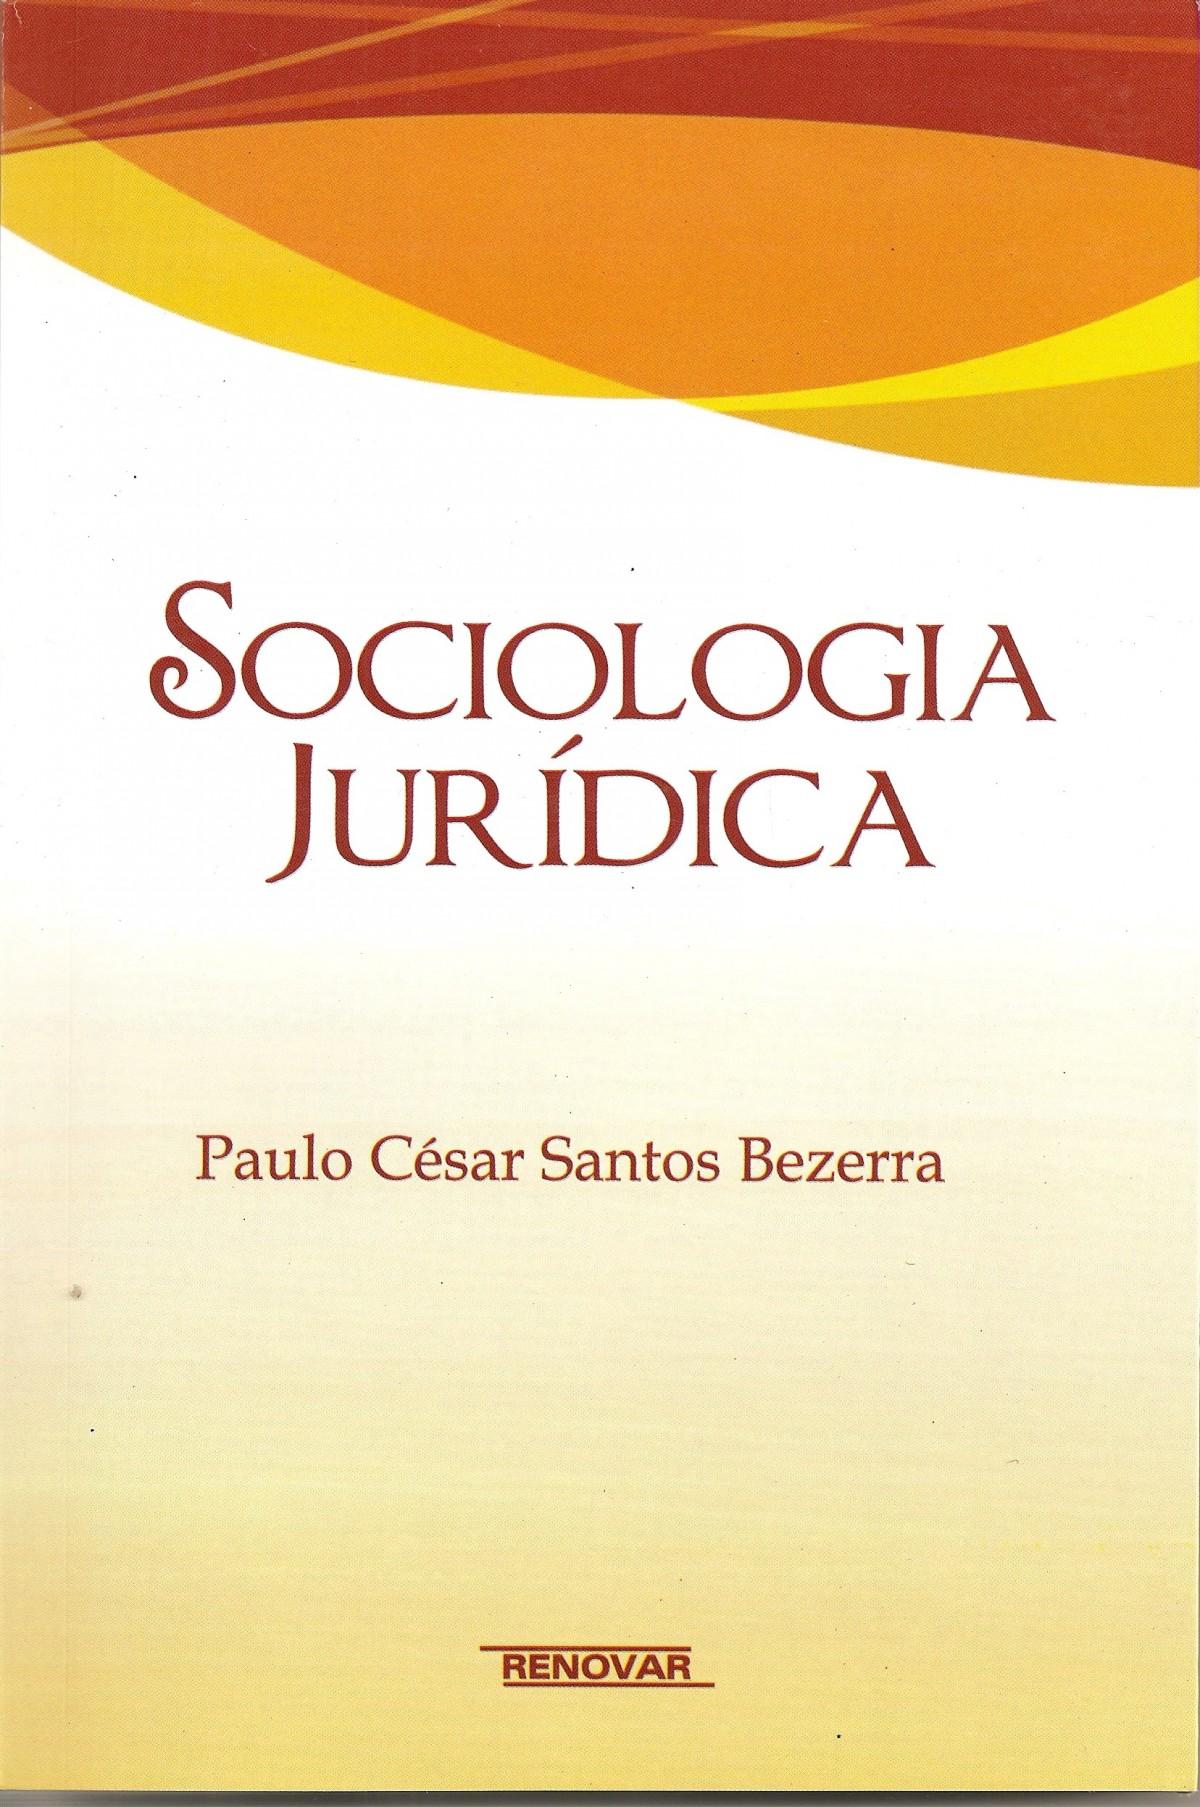 Foto 1 - Sociologia Jurídica